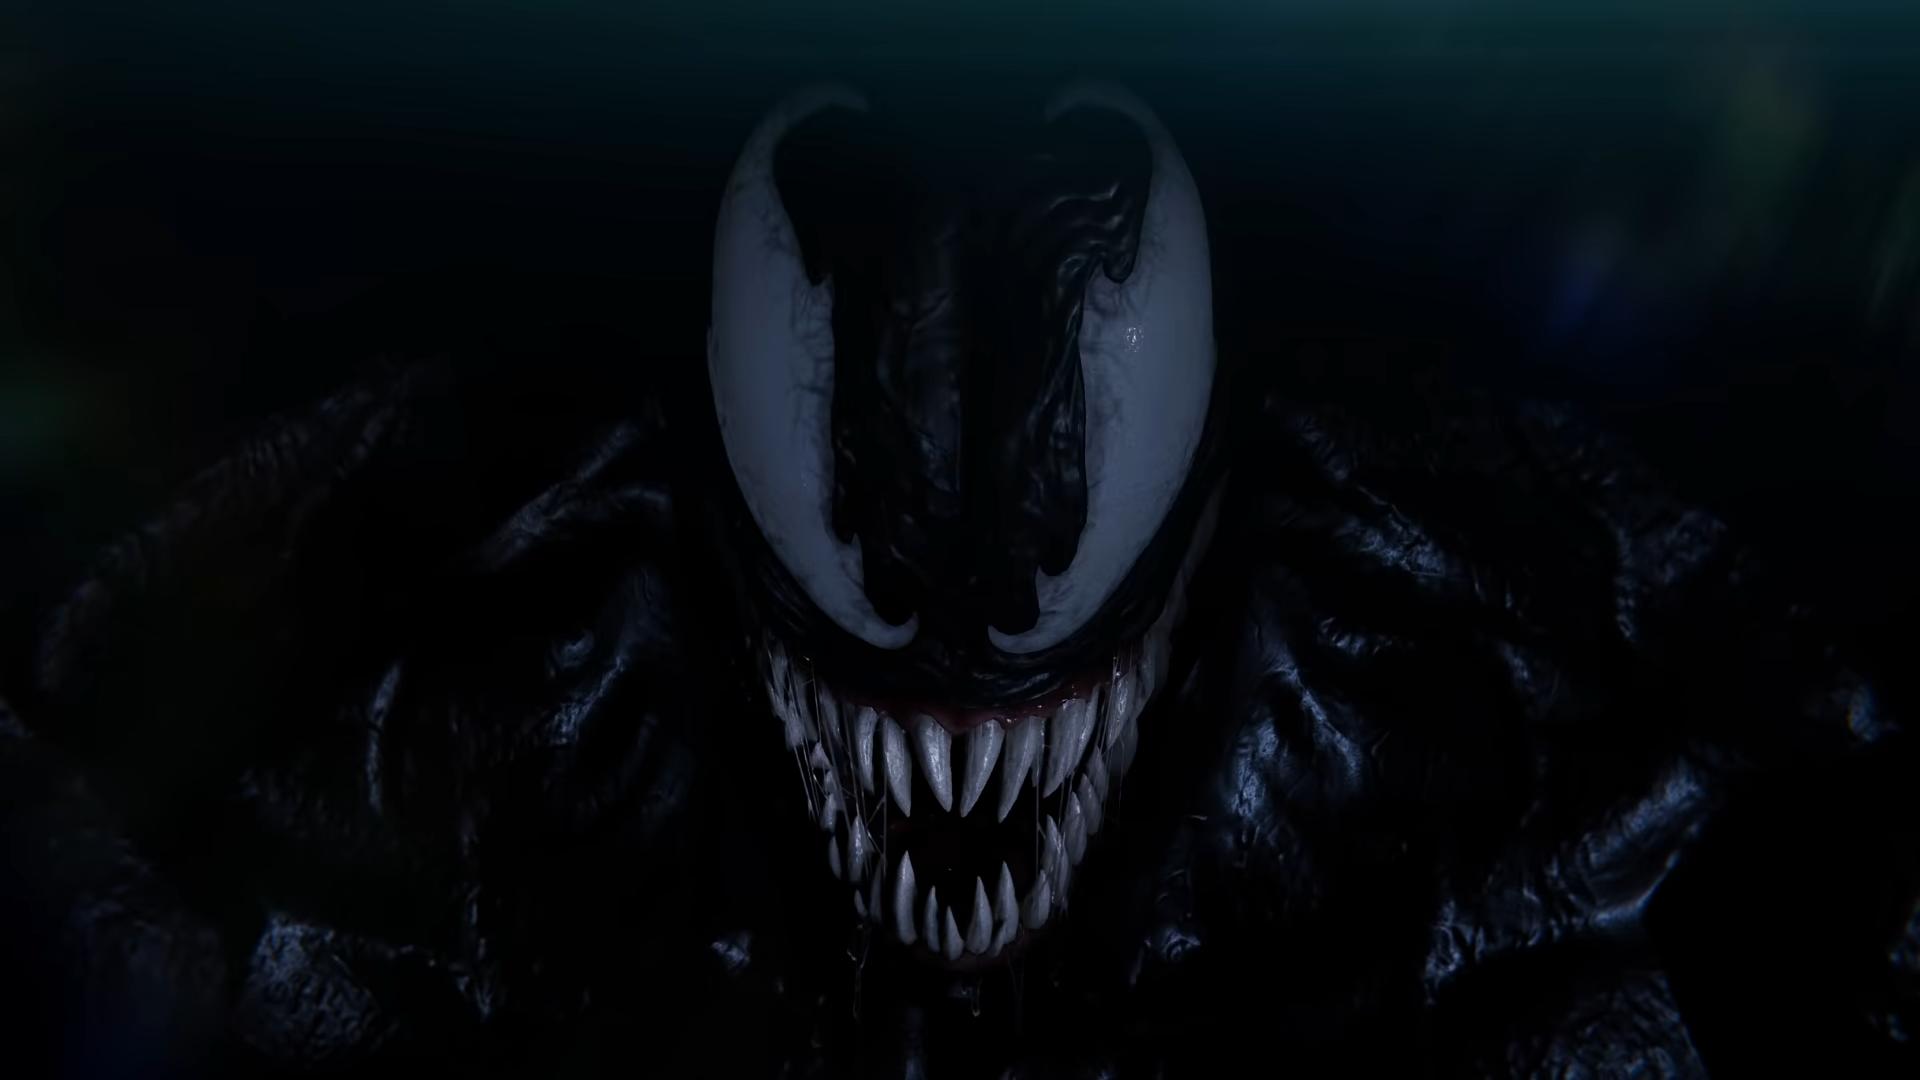 《漫威蜘蛛侠2》毒液配音演员透露称游戏规模很大插图1